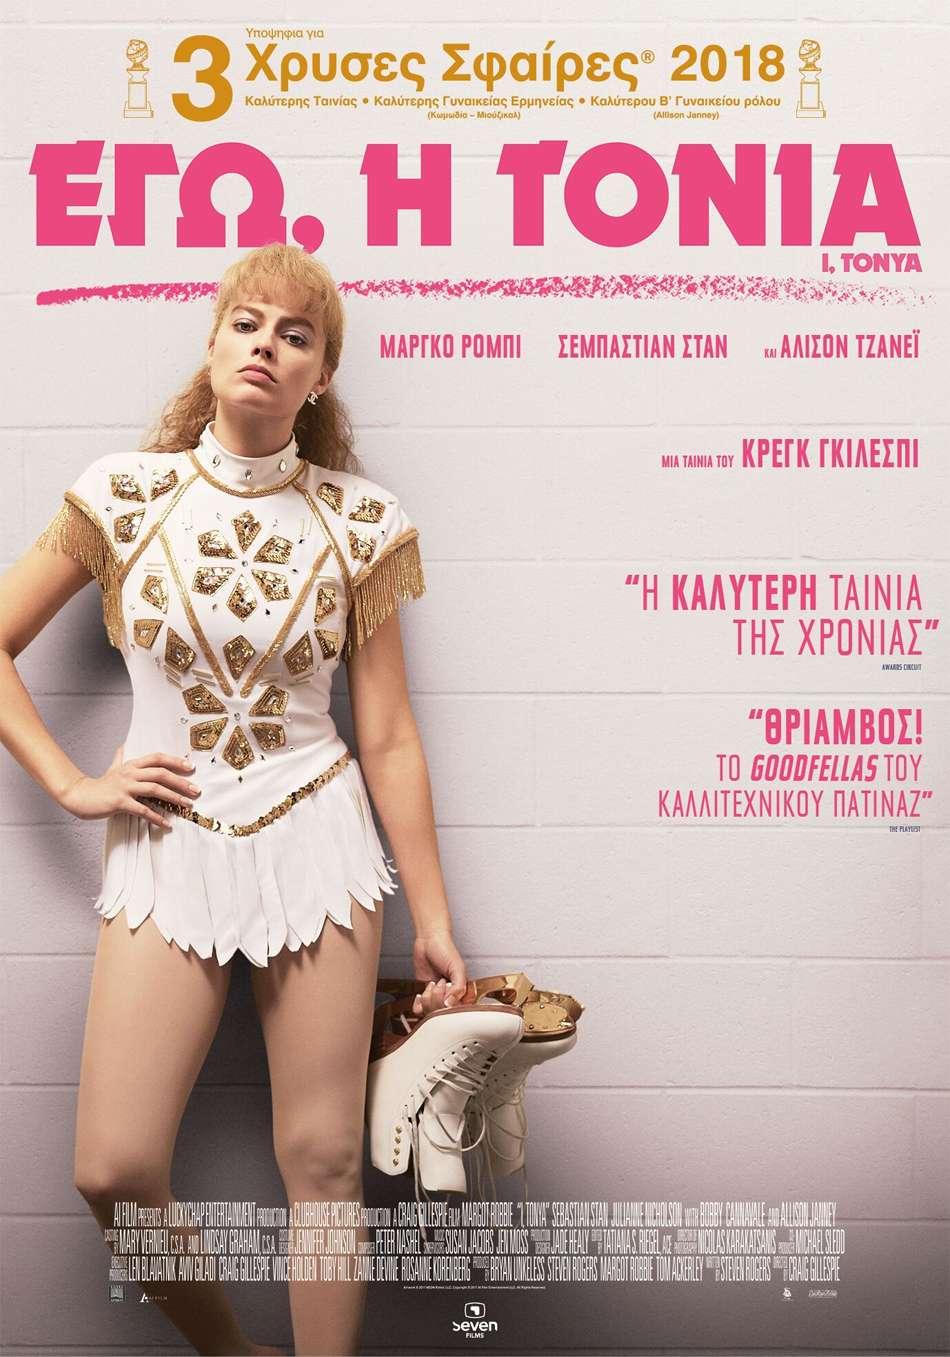 Εγώ, Η Τόνια (I, Tonya) Poster Πόστερ